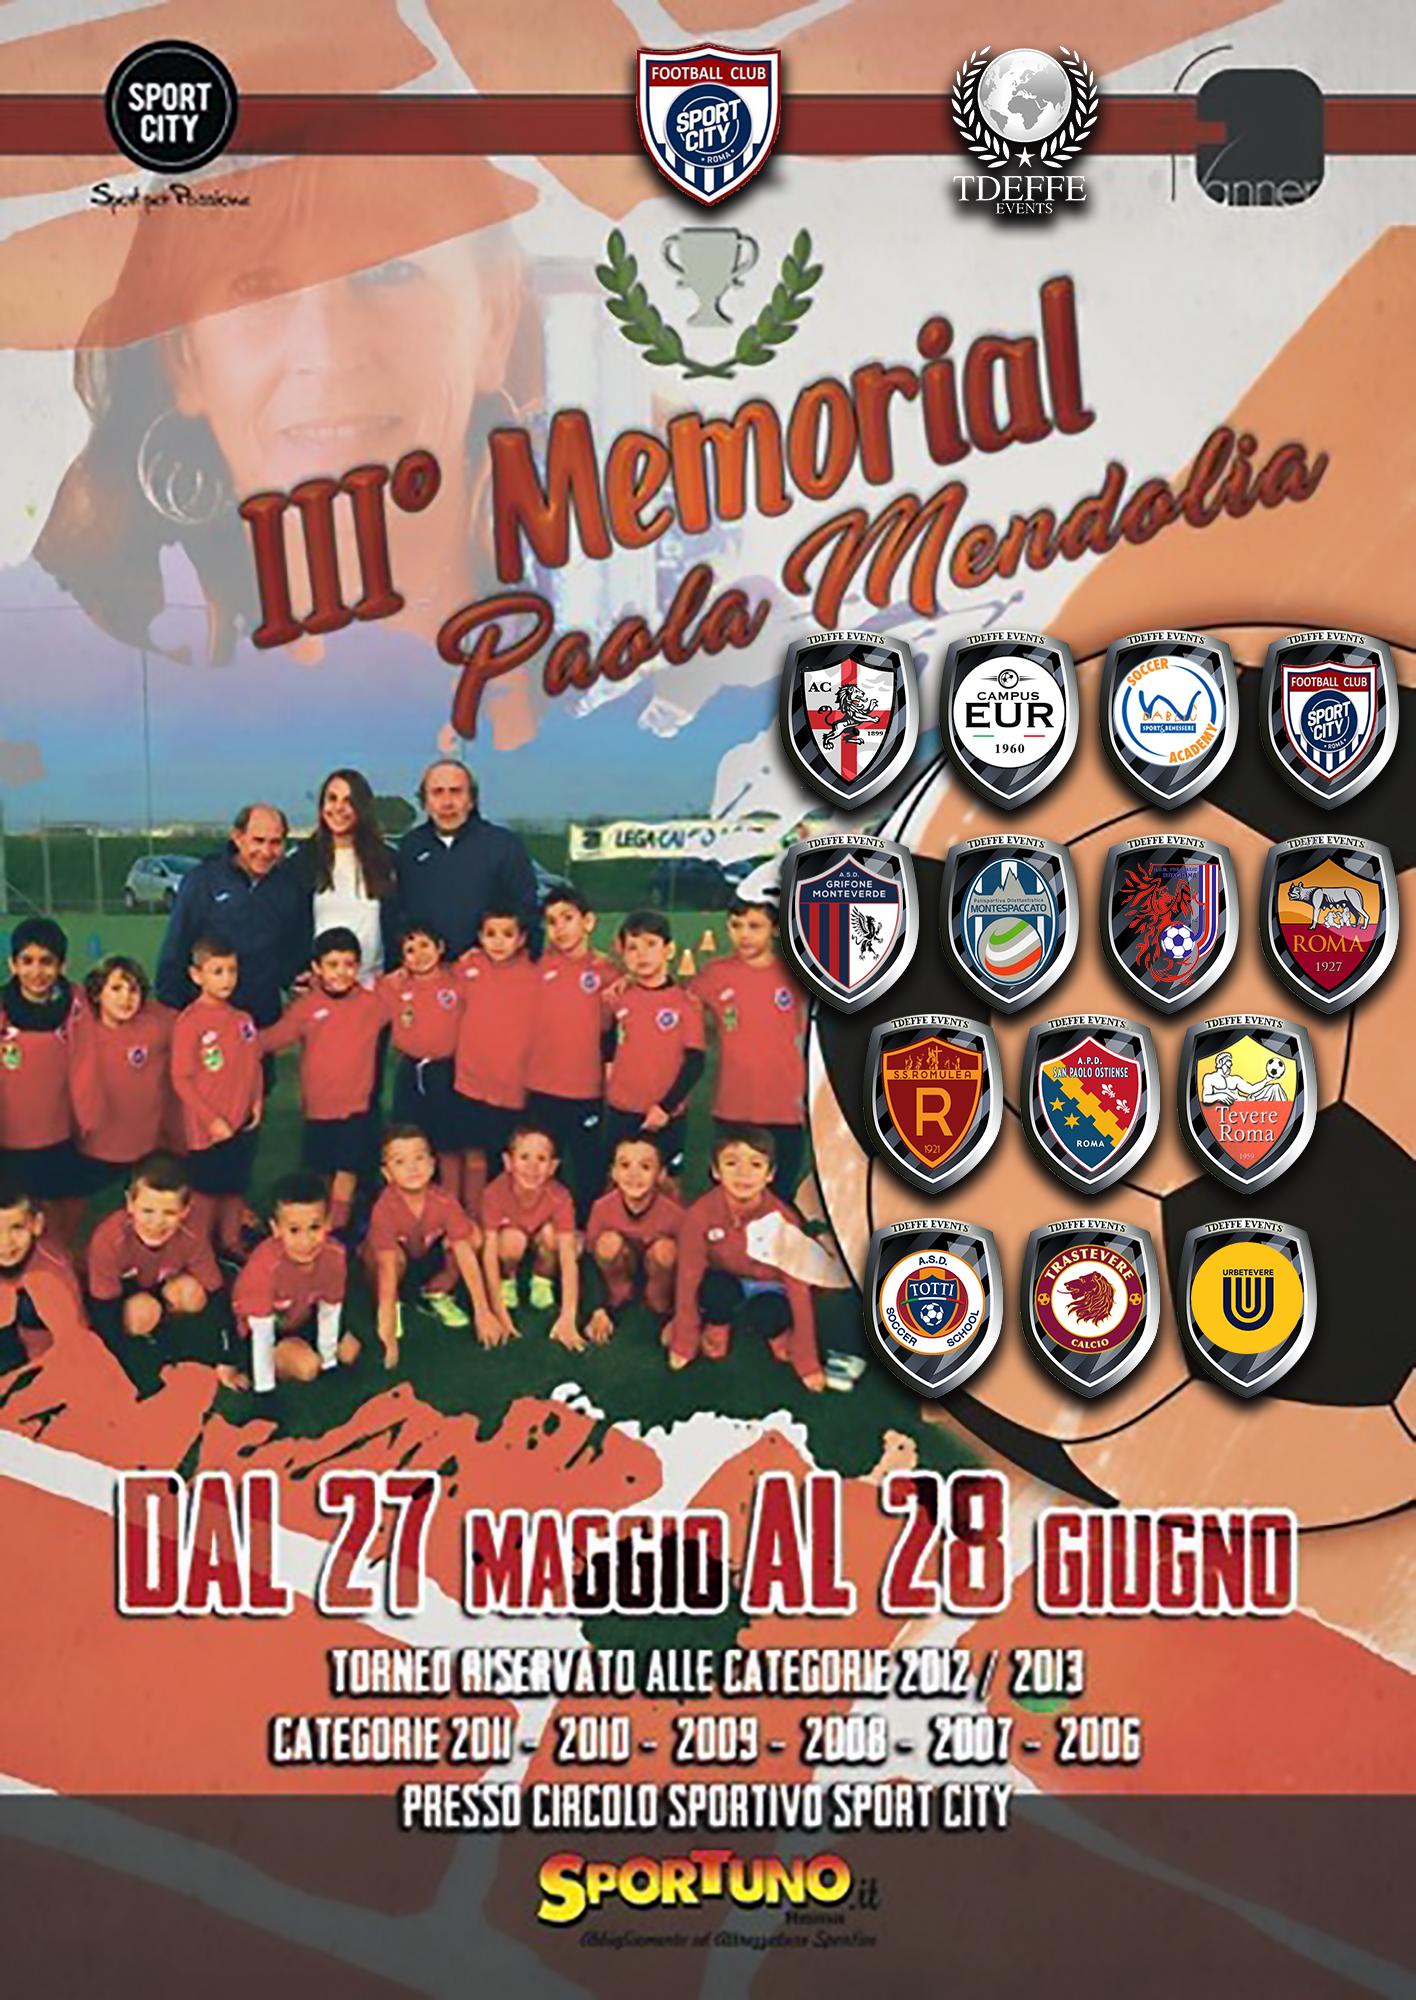 III' Memorial Mendolia